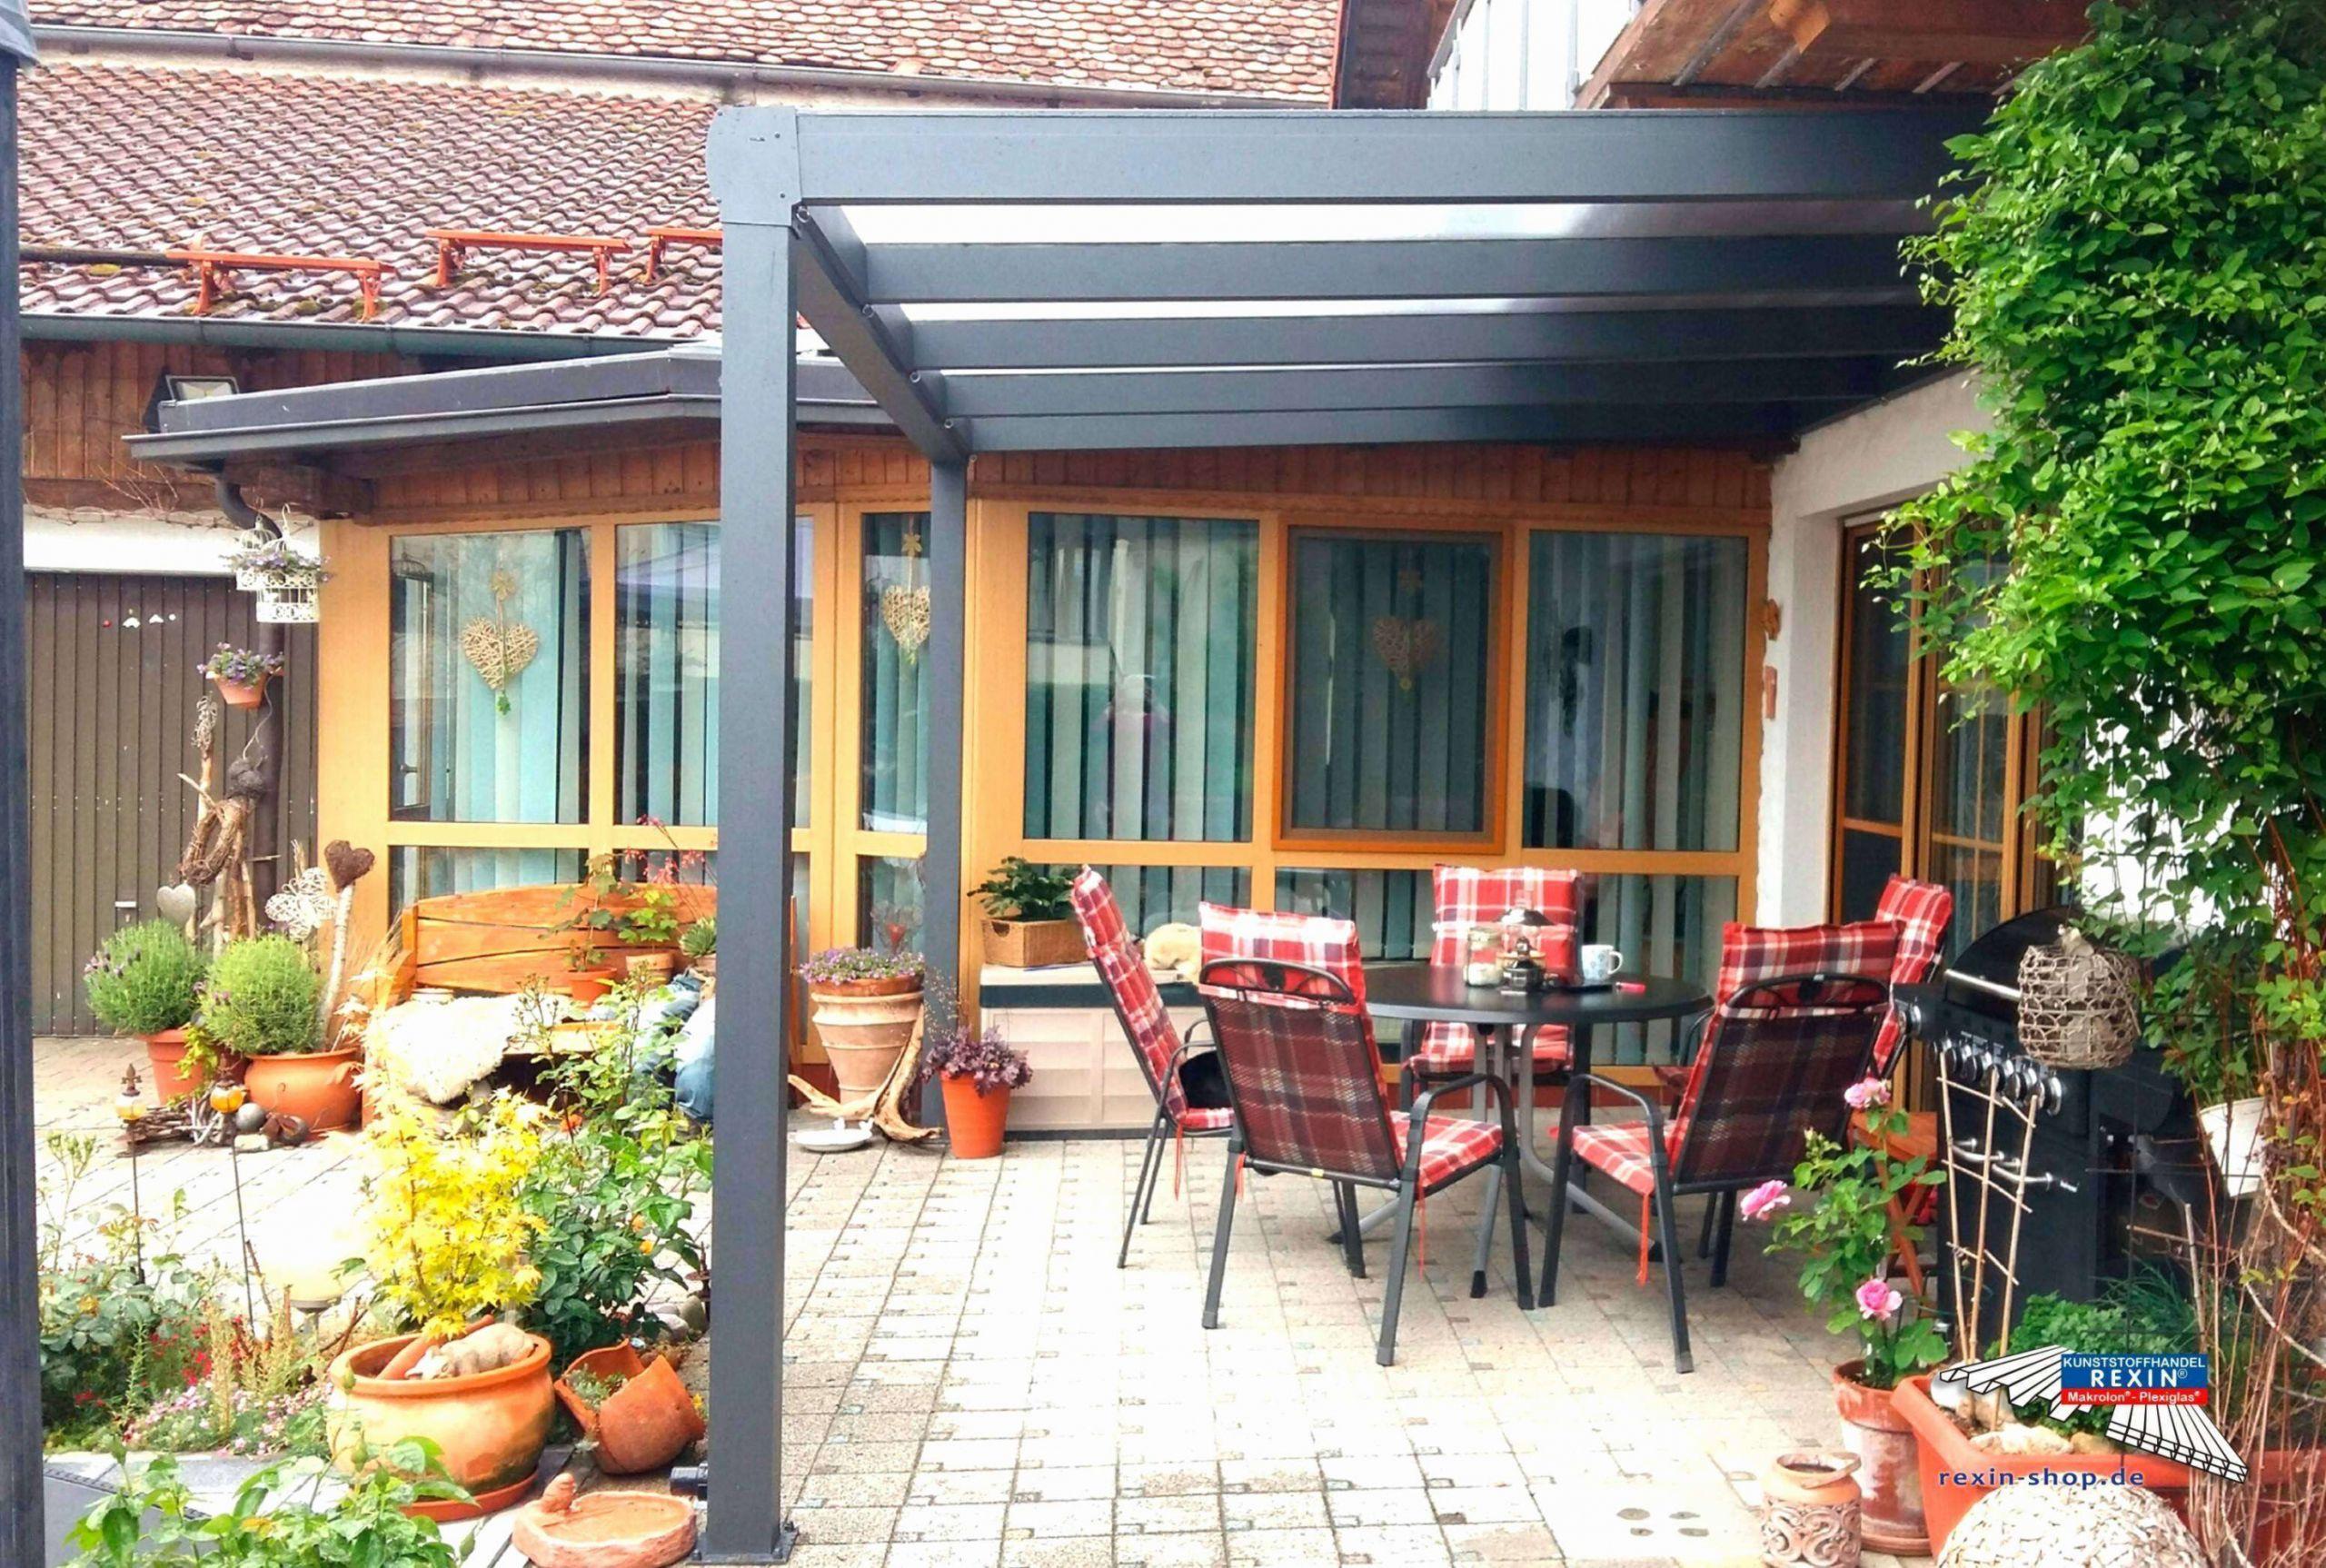 deko garten selber machen neu deko balkon schon balkon dekorieren 0d deko garten selber machen deko garten selber machen